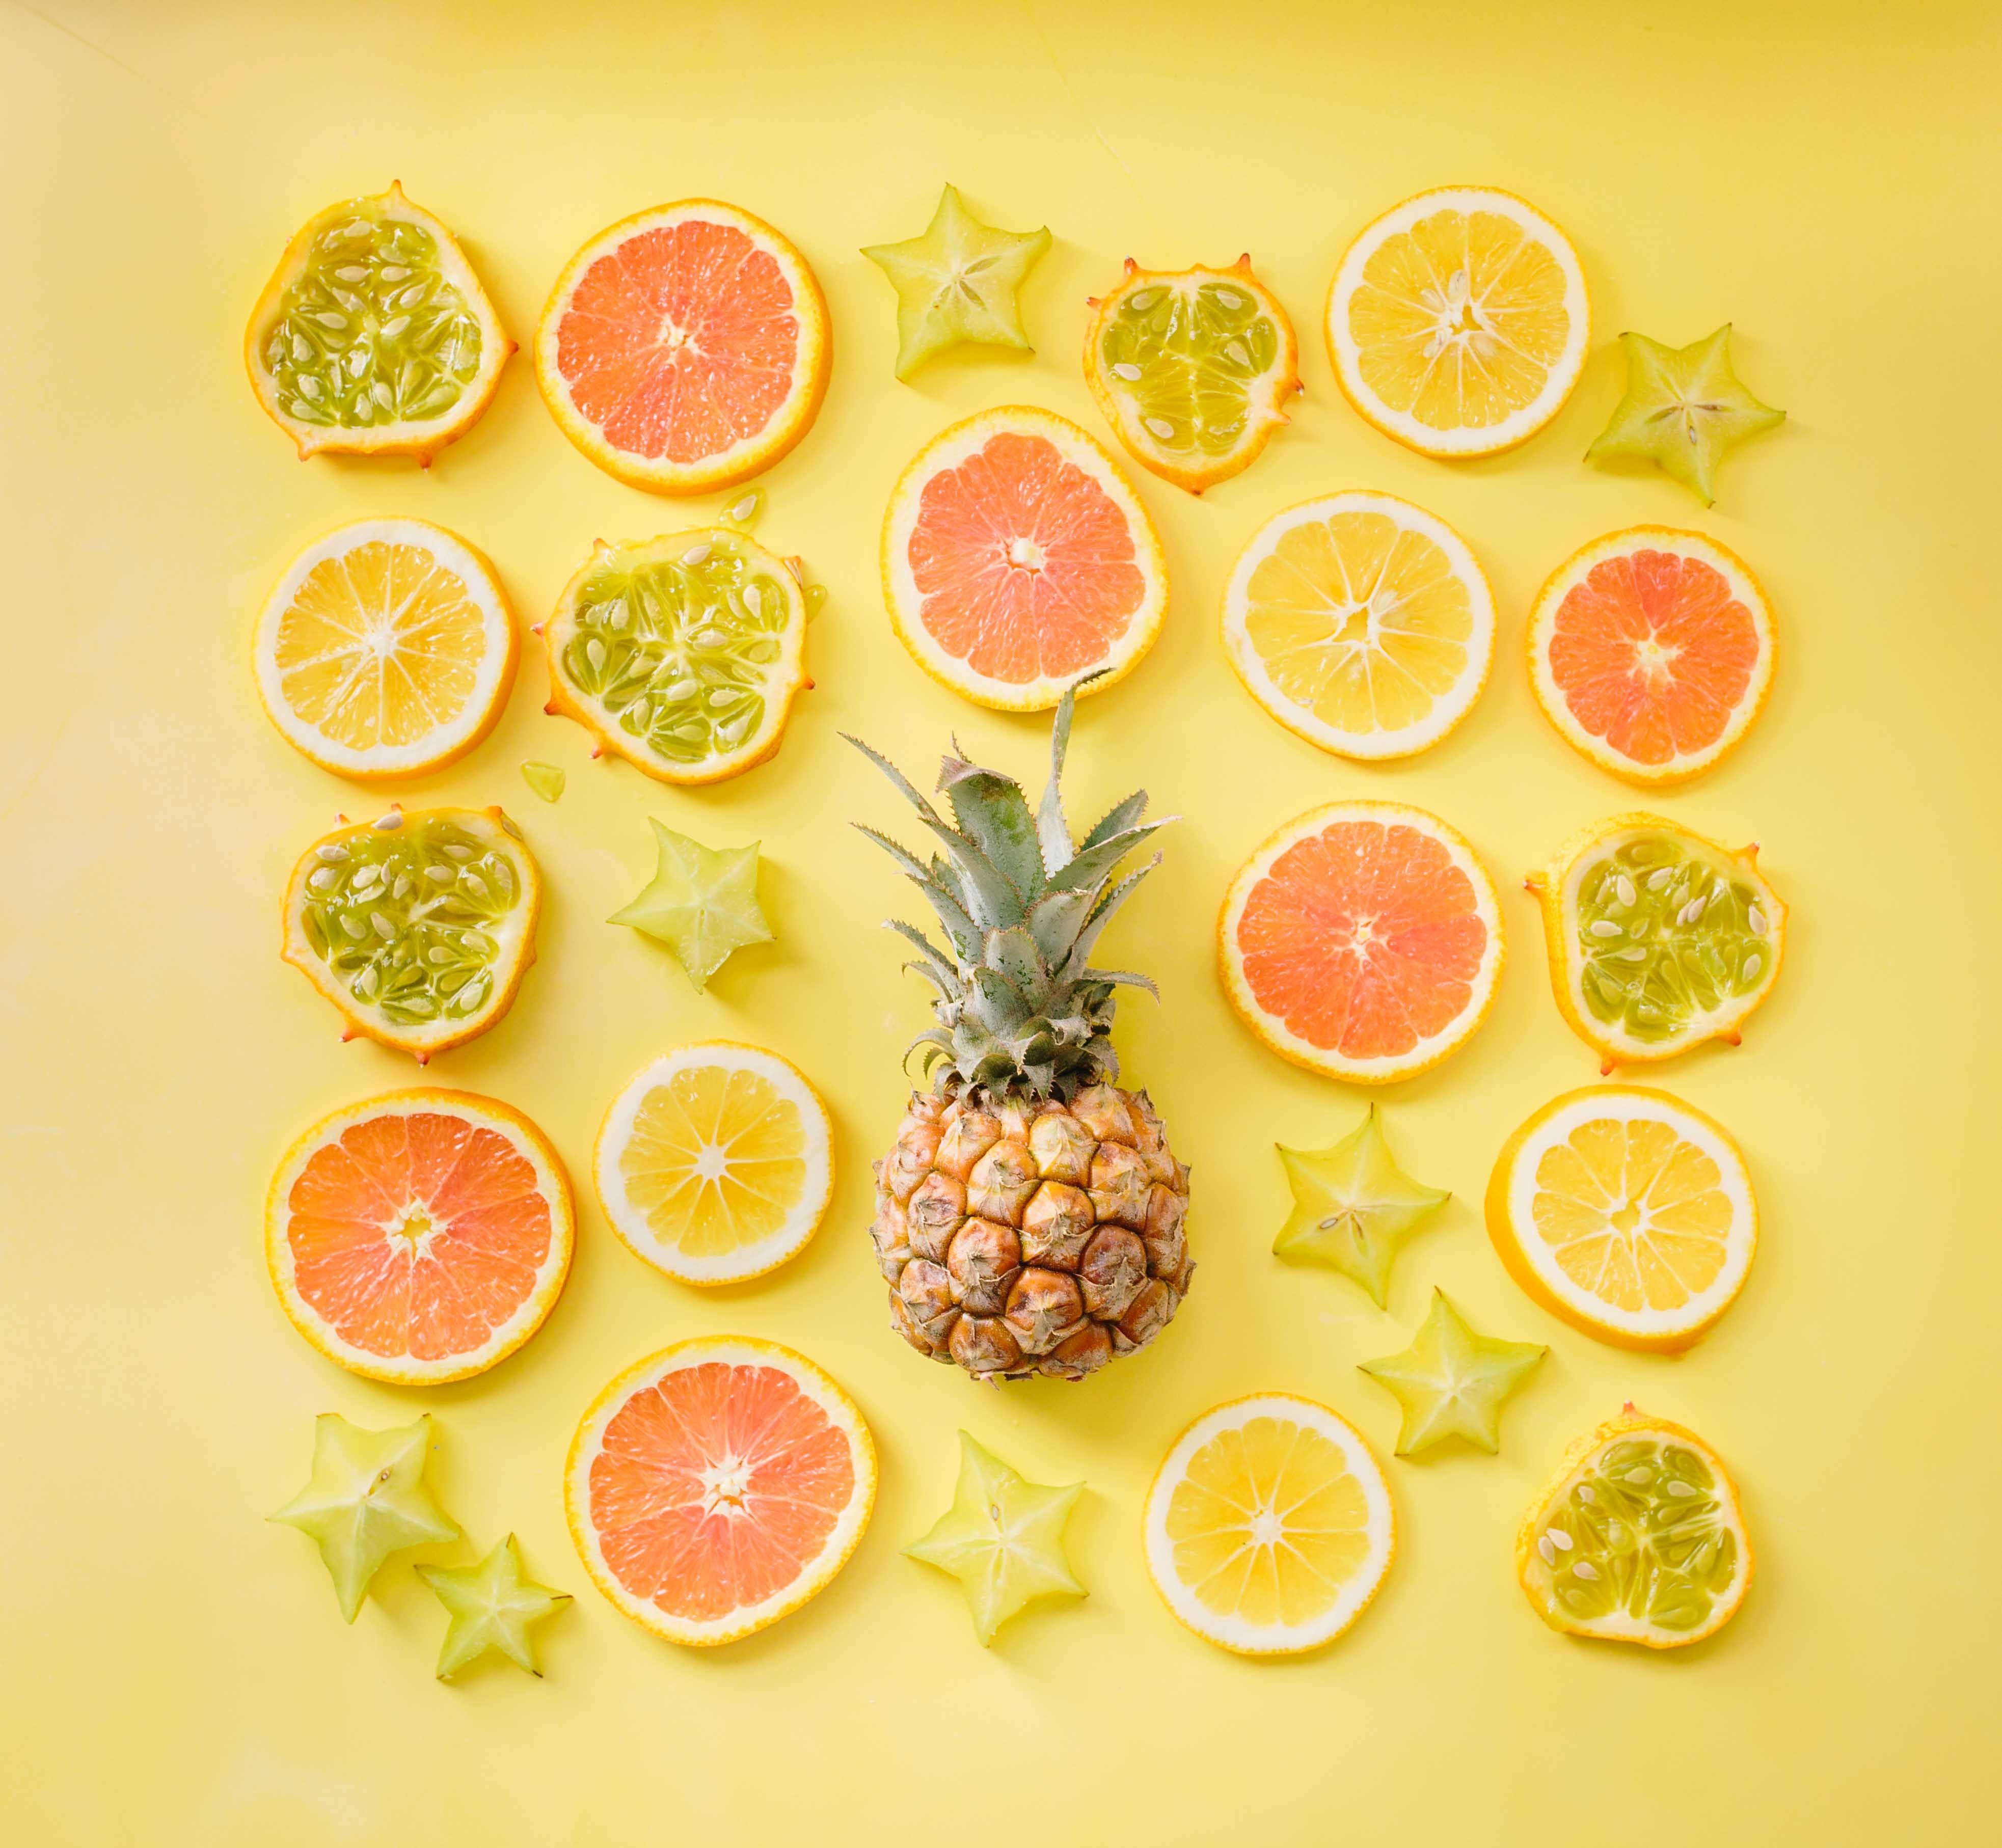 フルーツがいっぱい